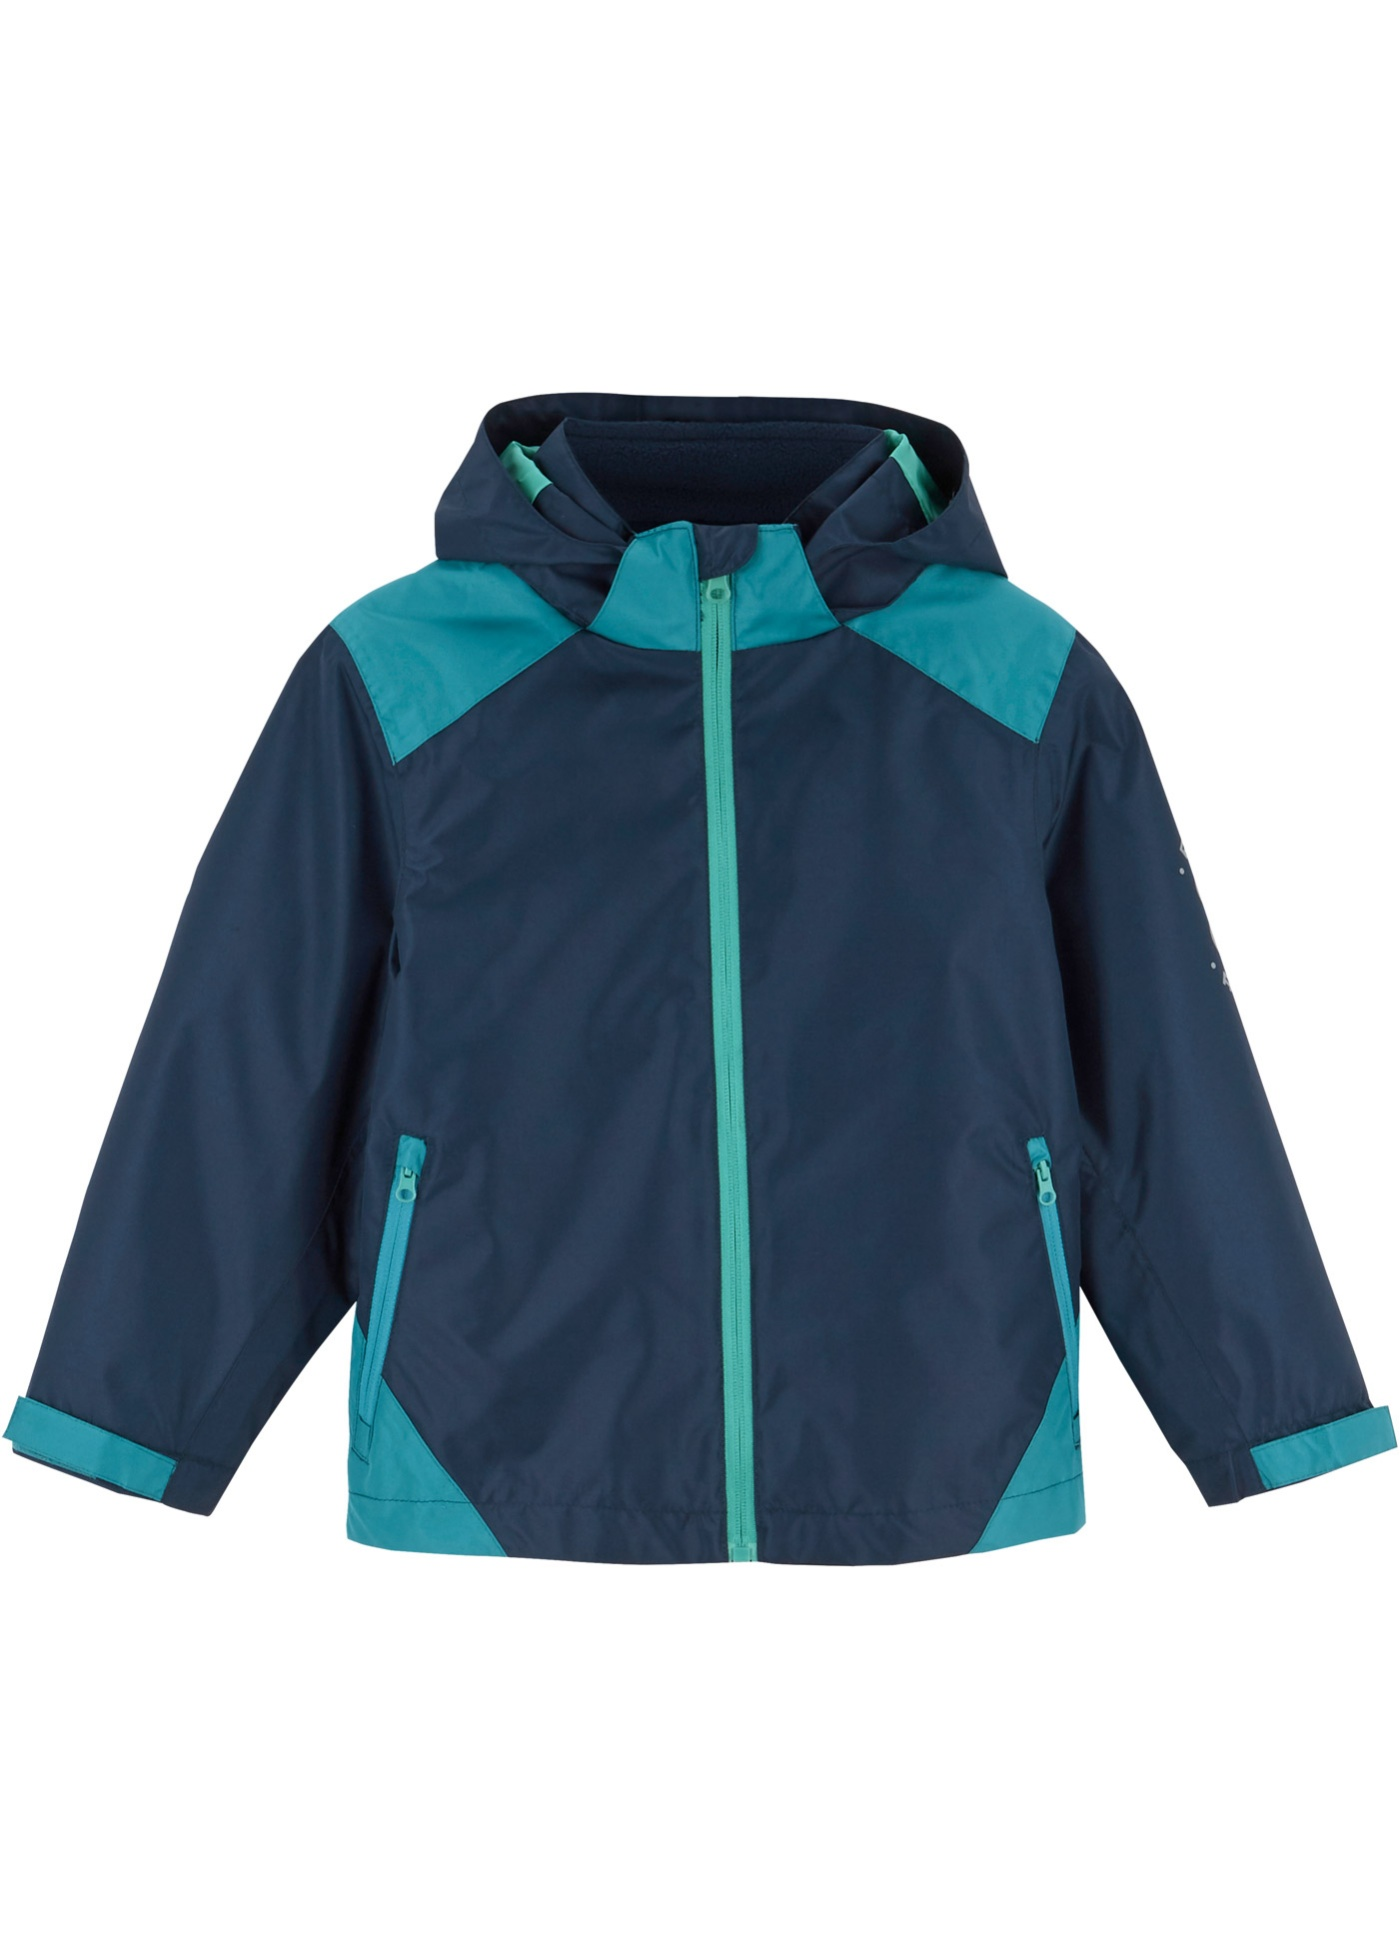 Jungen 3 in 1 Jacke langarm  in blau für Jungen von bonprix